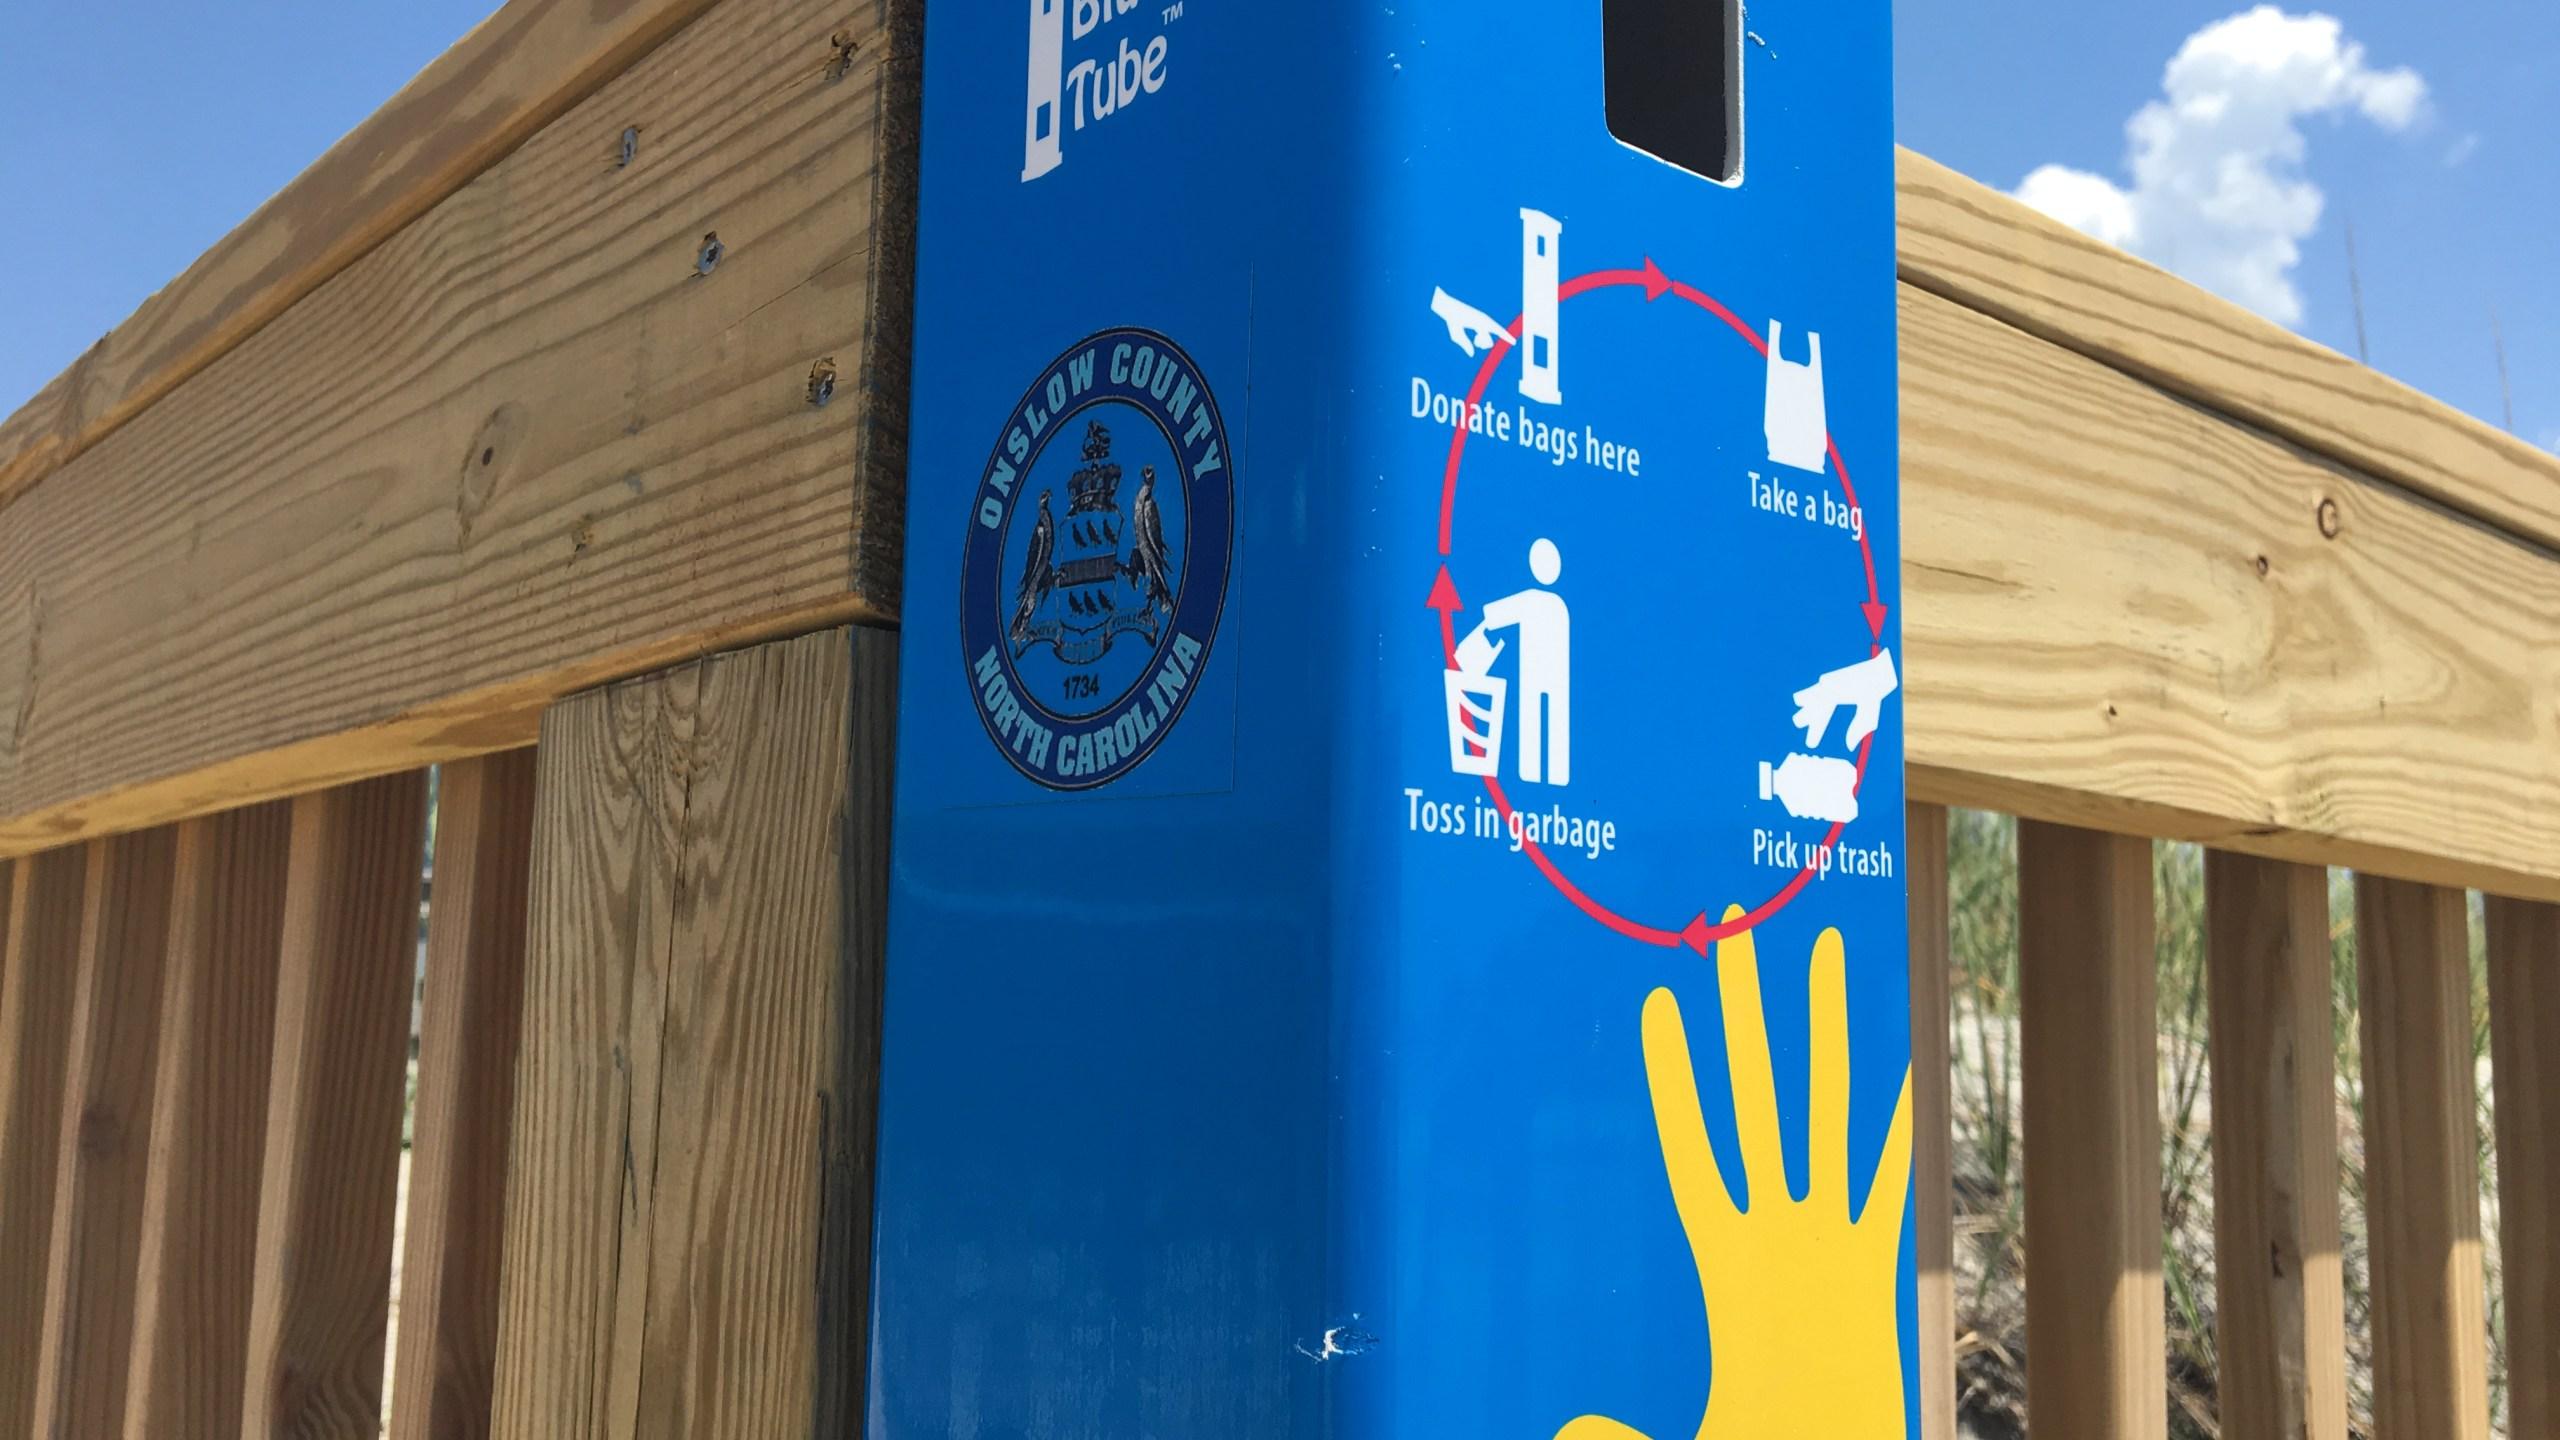 blue tube_414744